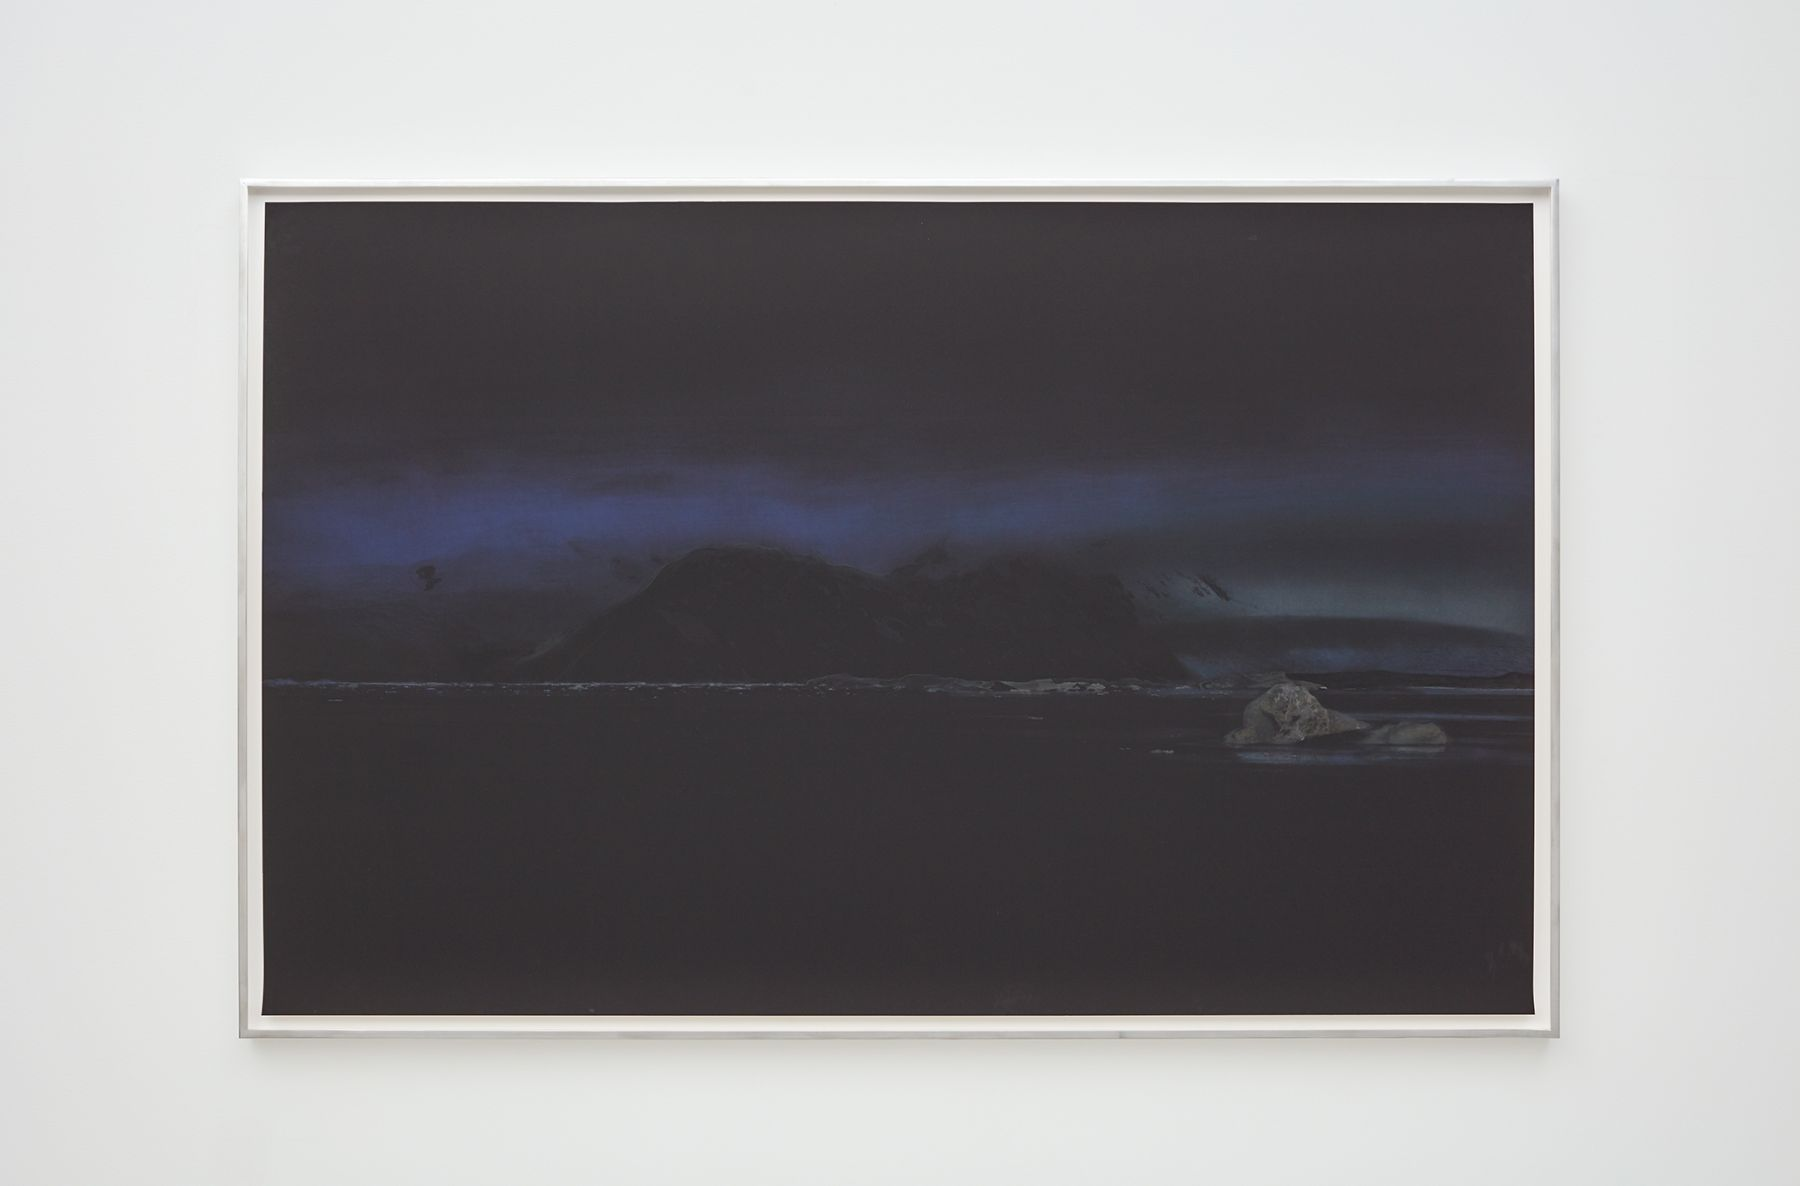 Liza Ryan, Blue/Black, 2015